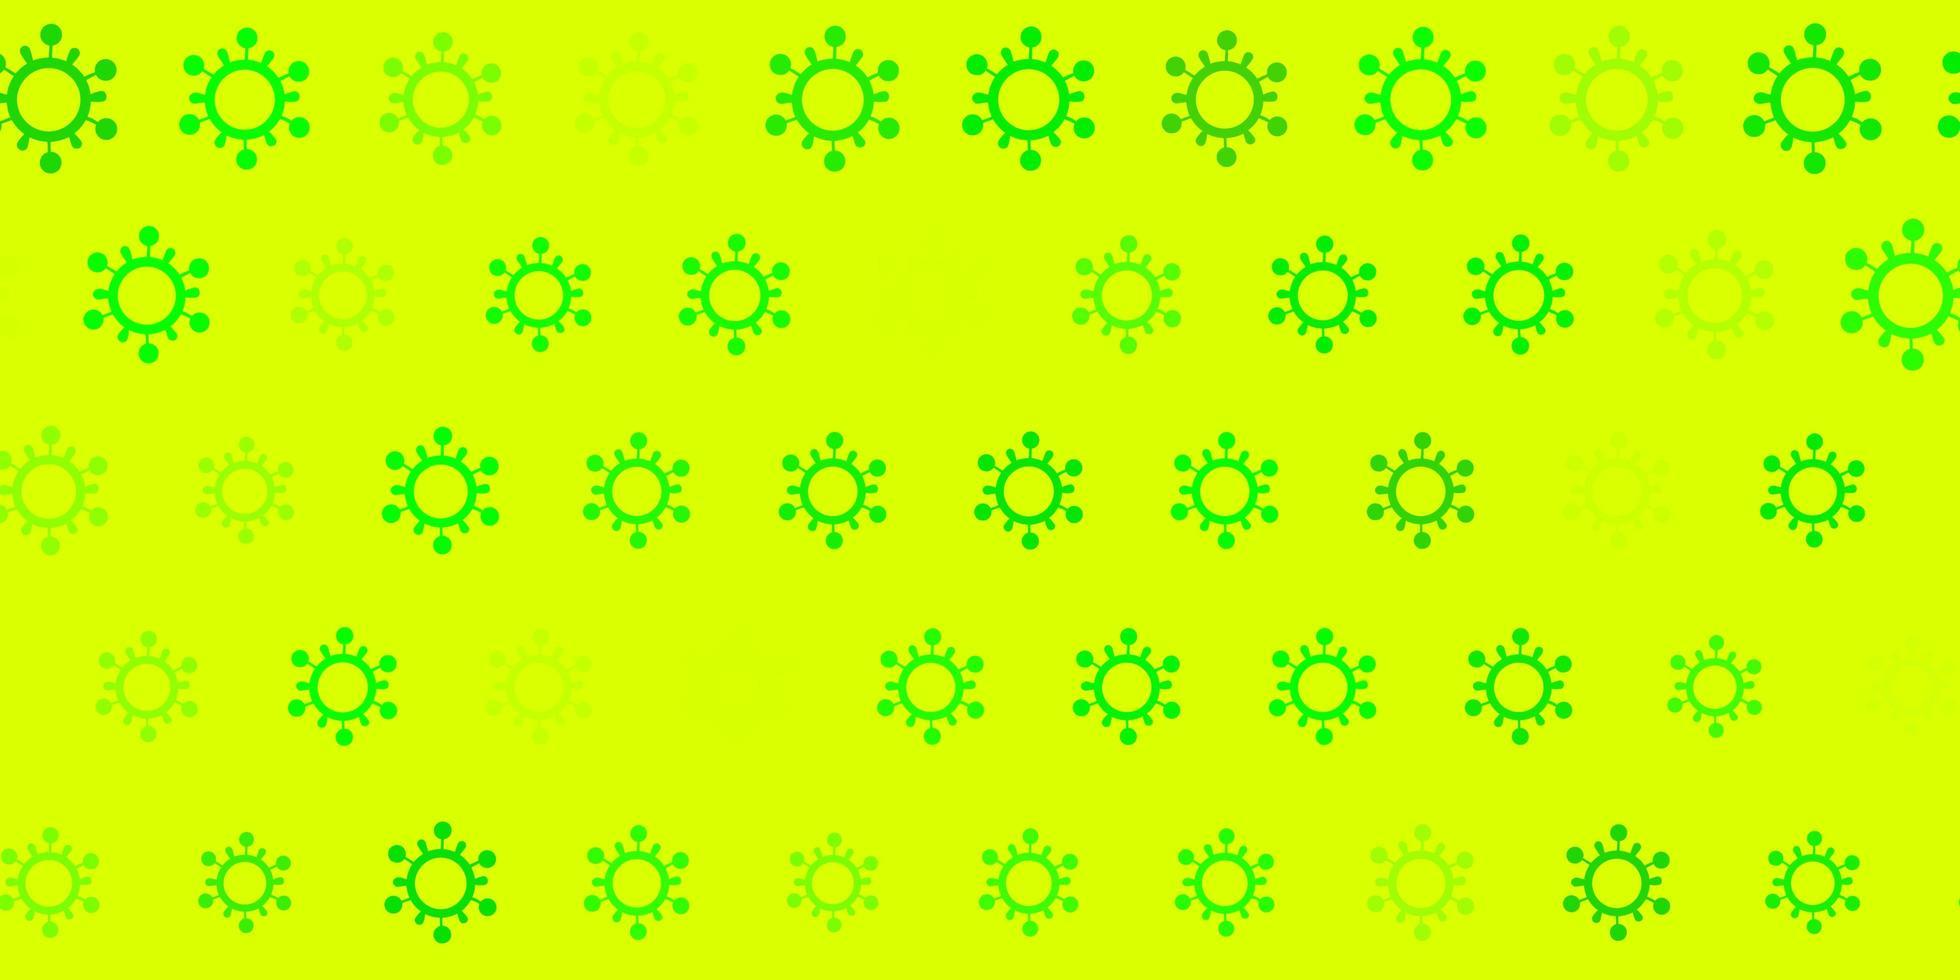 grüner Hintergrund mit Covid 19 Symbolen. vektor